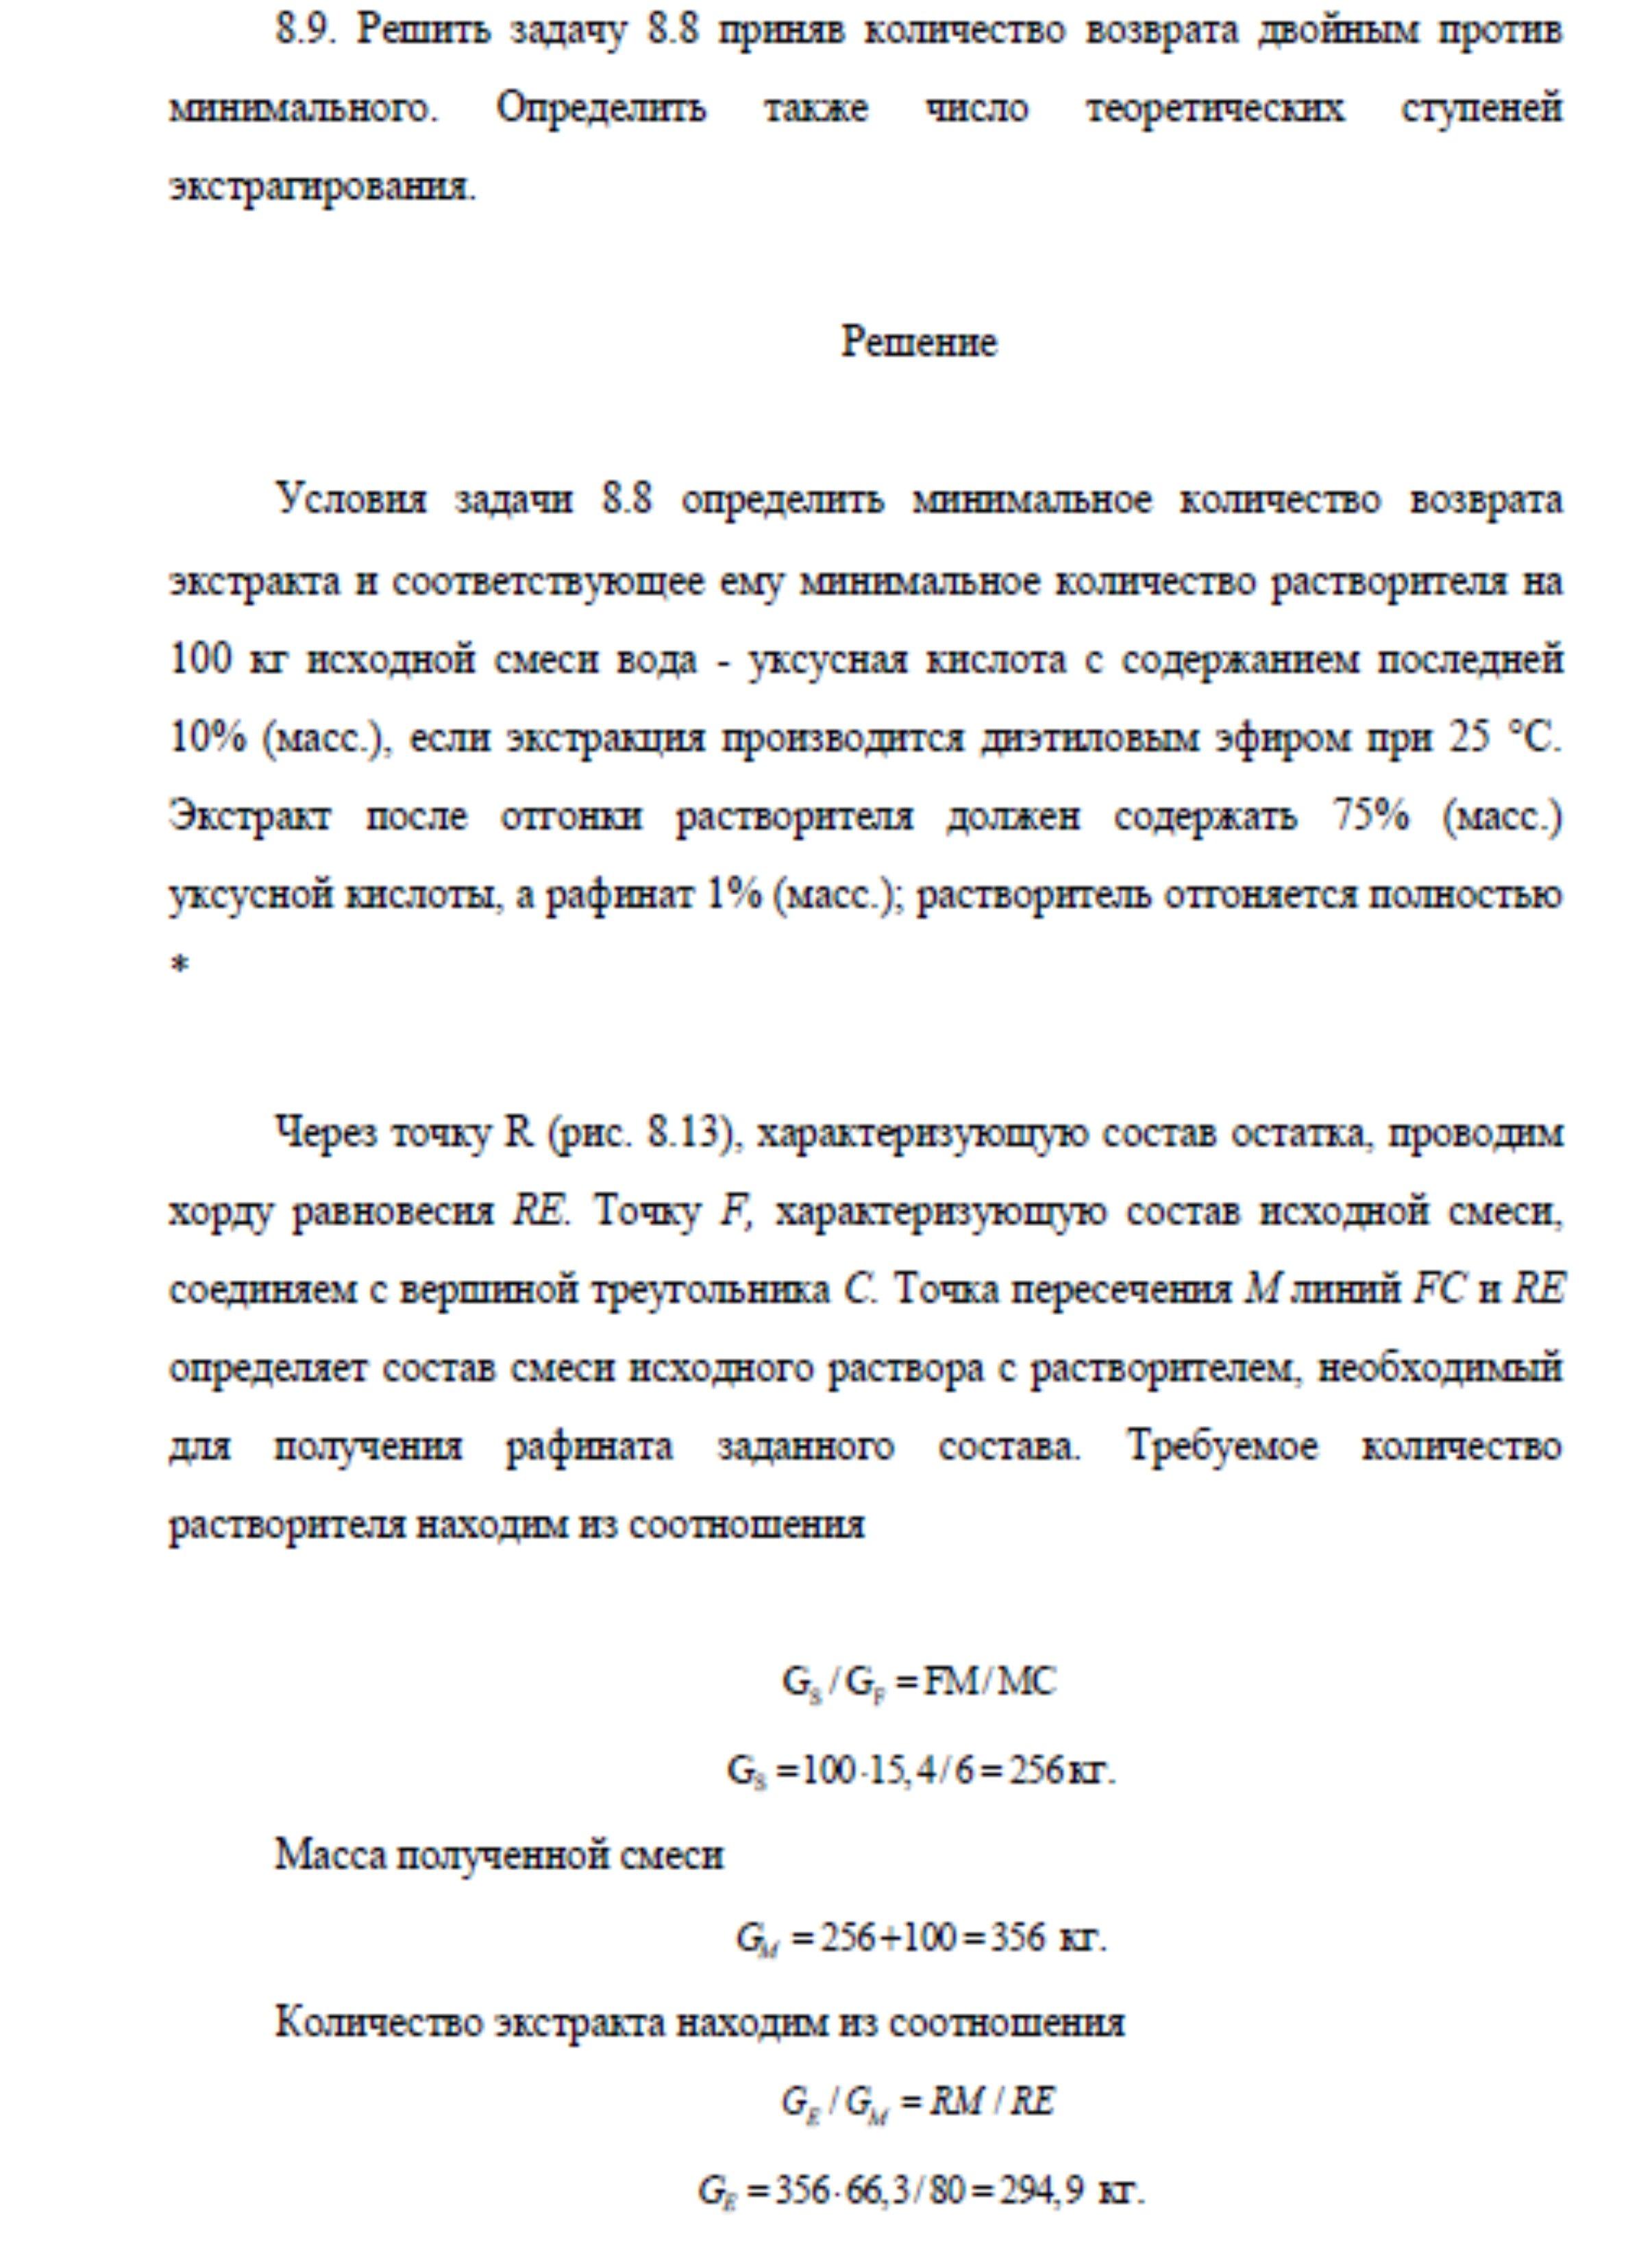 Решение задачи 8.9 по ПАХТ из задачника Павлова Романкова Носкова